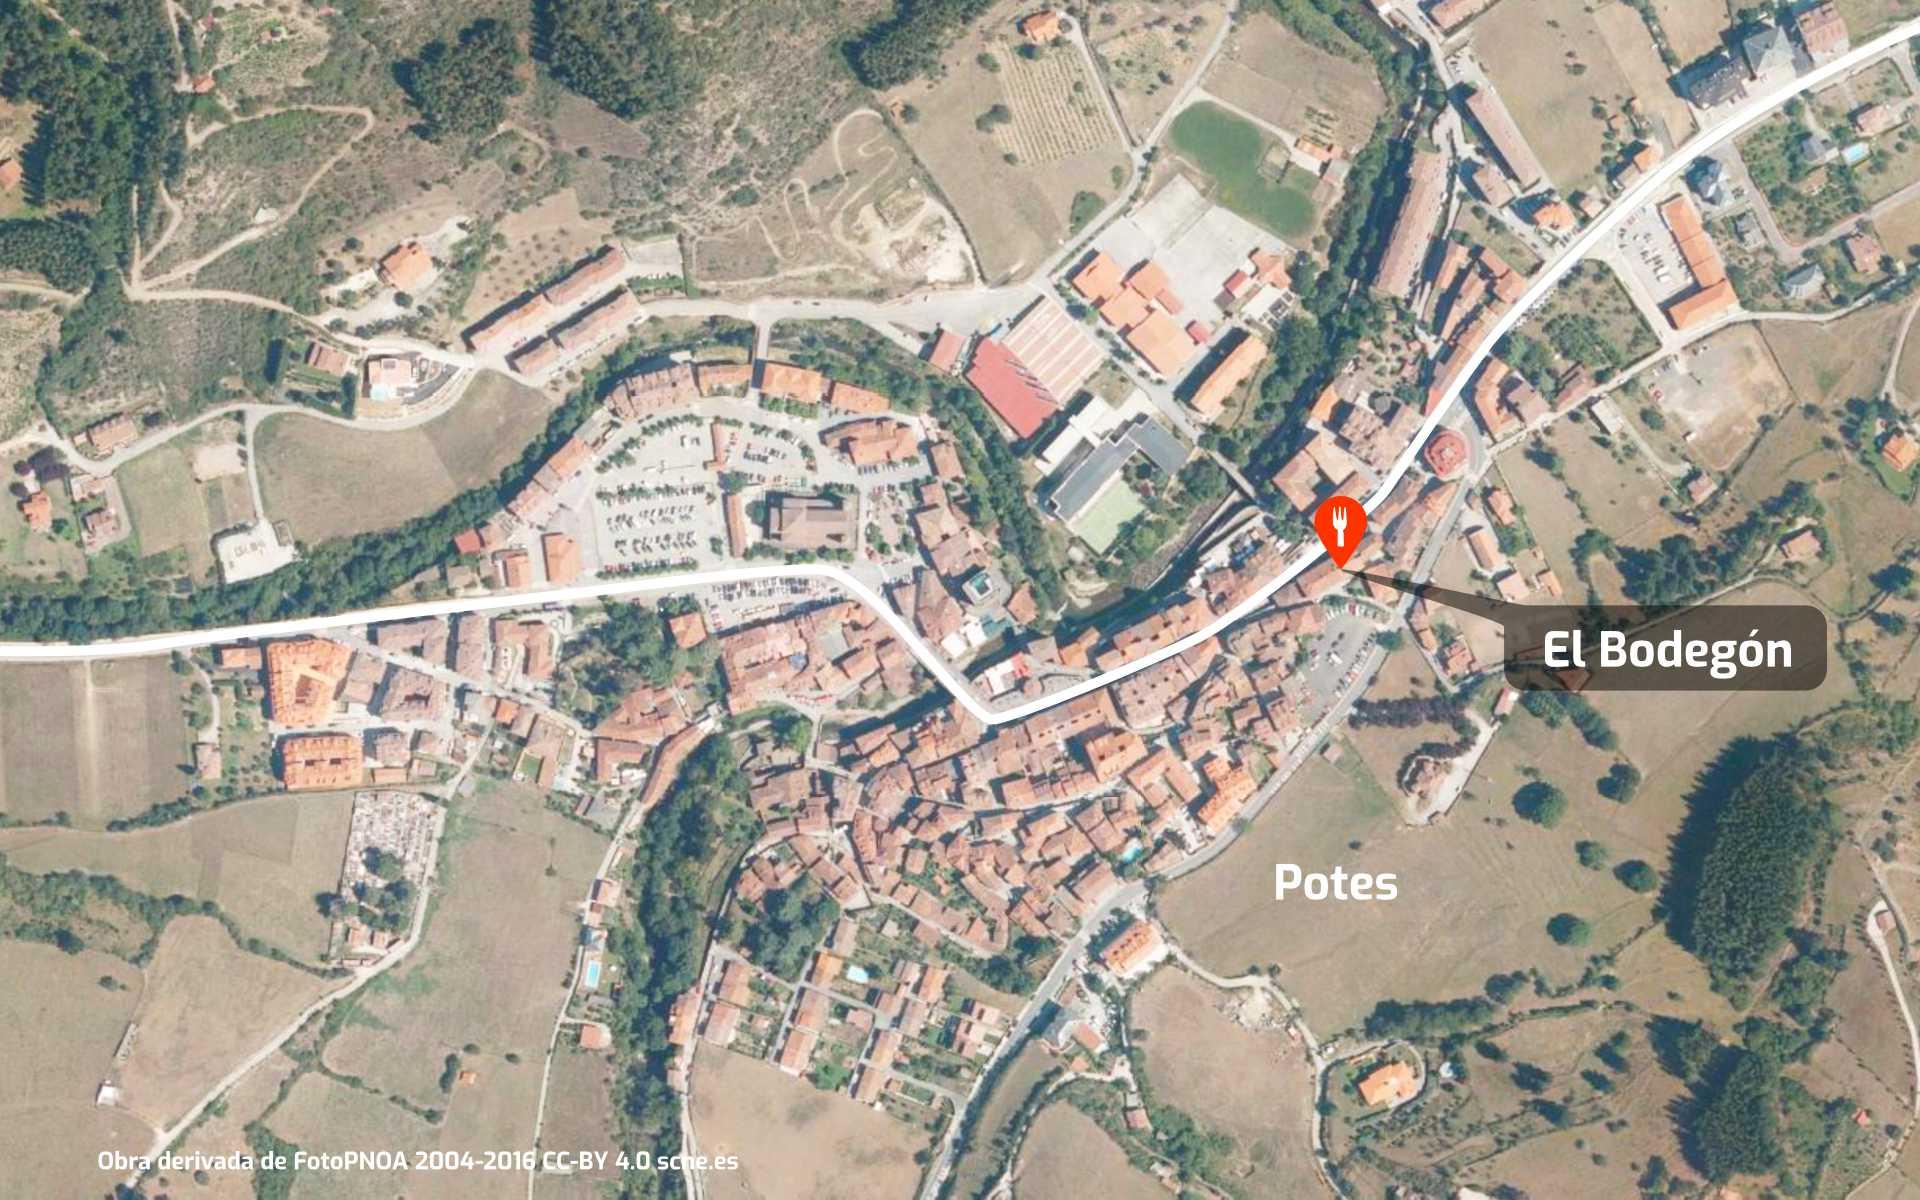 Mapa de cómo llegar al restaurante El Bodegón de Potes, Liébana, Cantabria